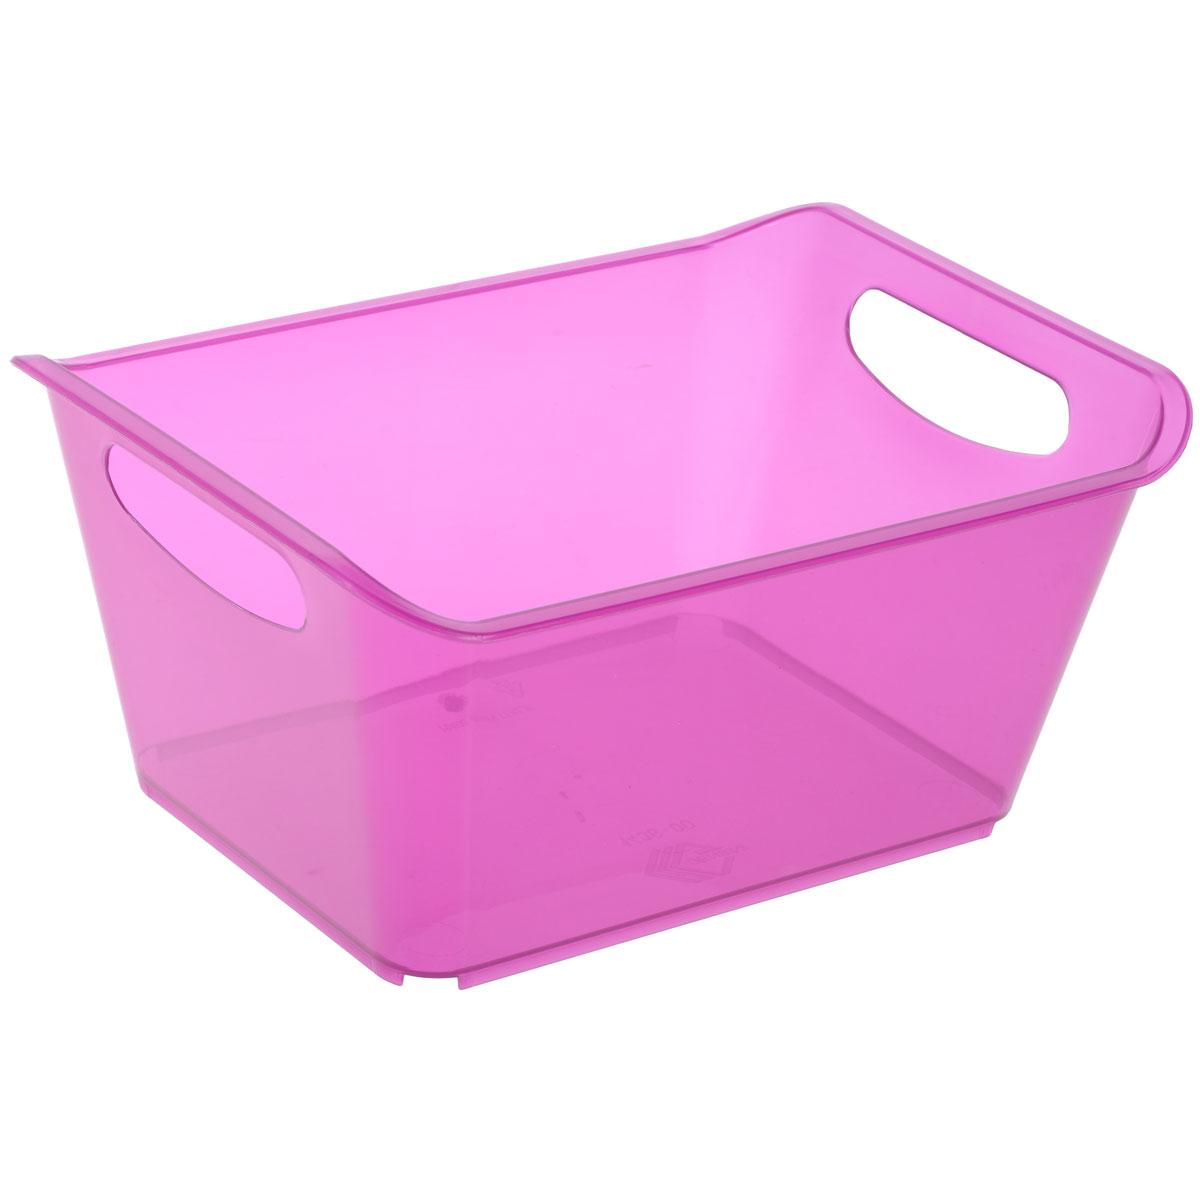 Контейнер Gensini, цвет: сиреневый, 5 л3331Контейнер Gensini выполнен из прочного пластика. Он предназначен для хранения различных мелких вещей в ванной, на кухне, даче или гараже, исключая возможность их потери. По бокам контейнера предусмотрены две удобные ручки для его переноски. Контейнер поможет хранить все в одном месте, а также защитить вещи от пыли, грязи и влаги. Объем: 5 л.